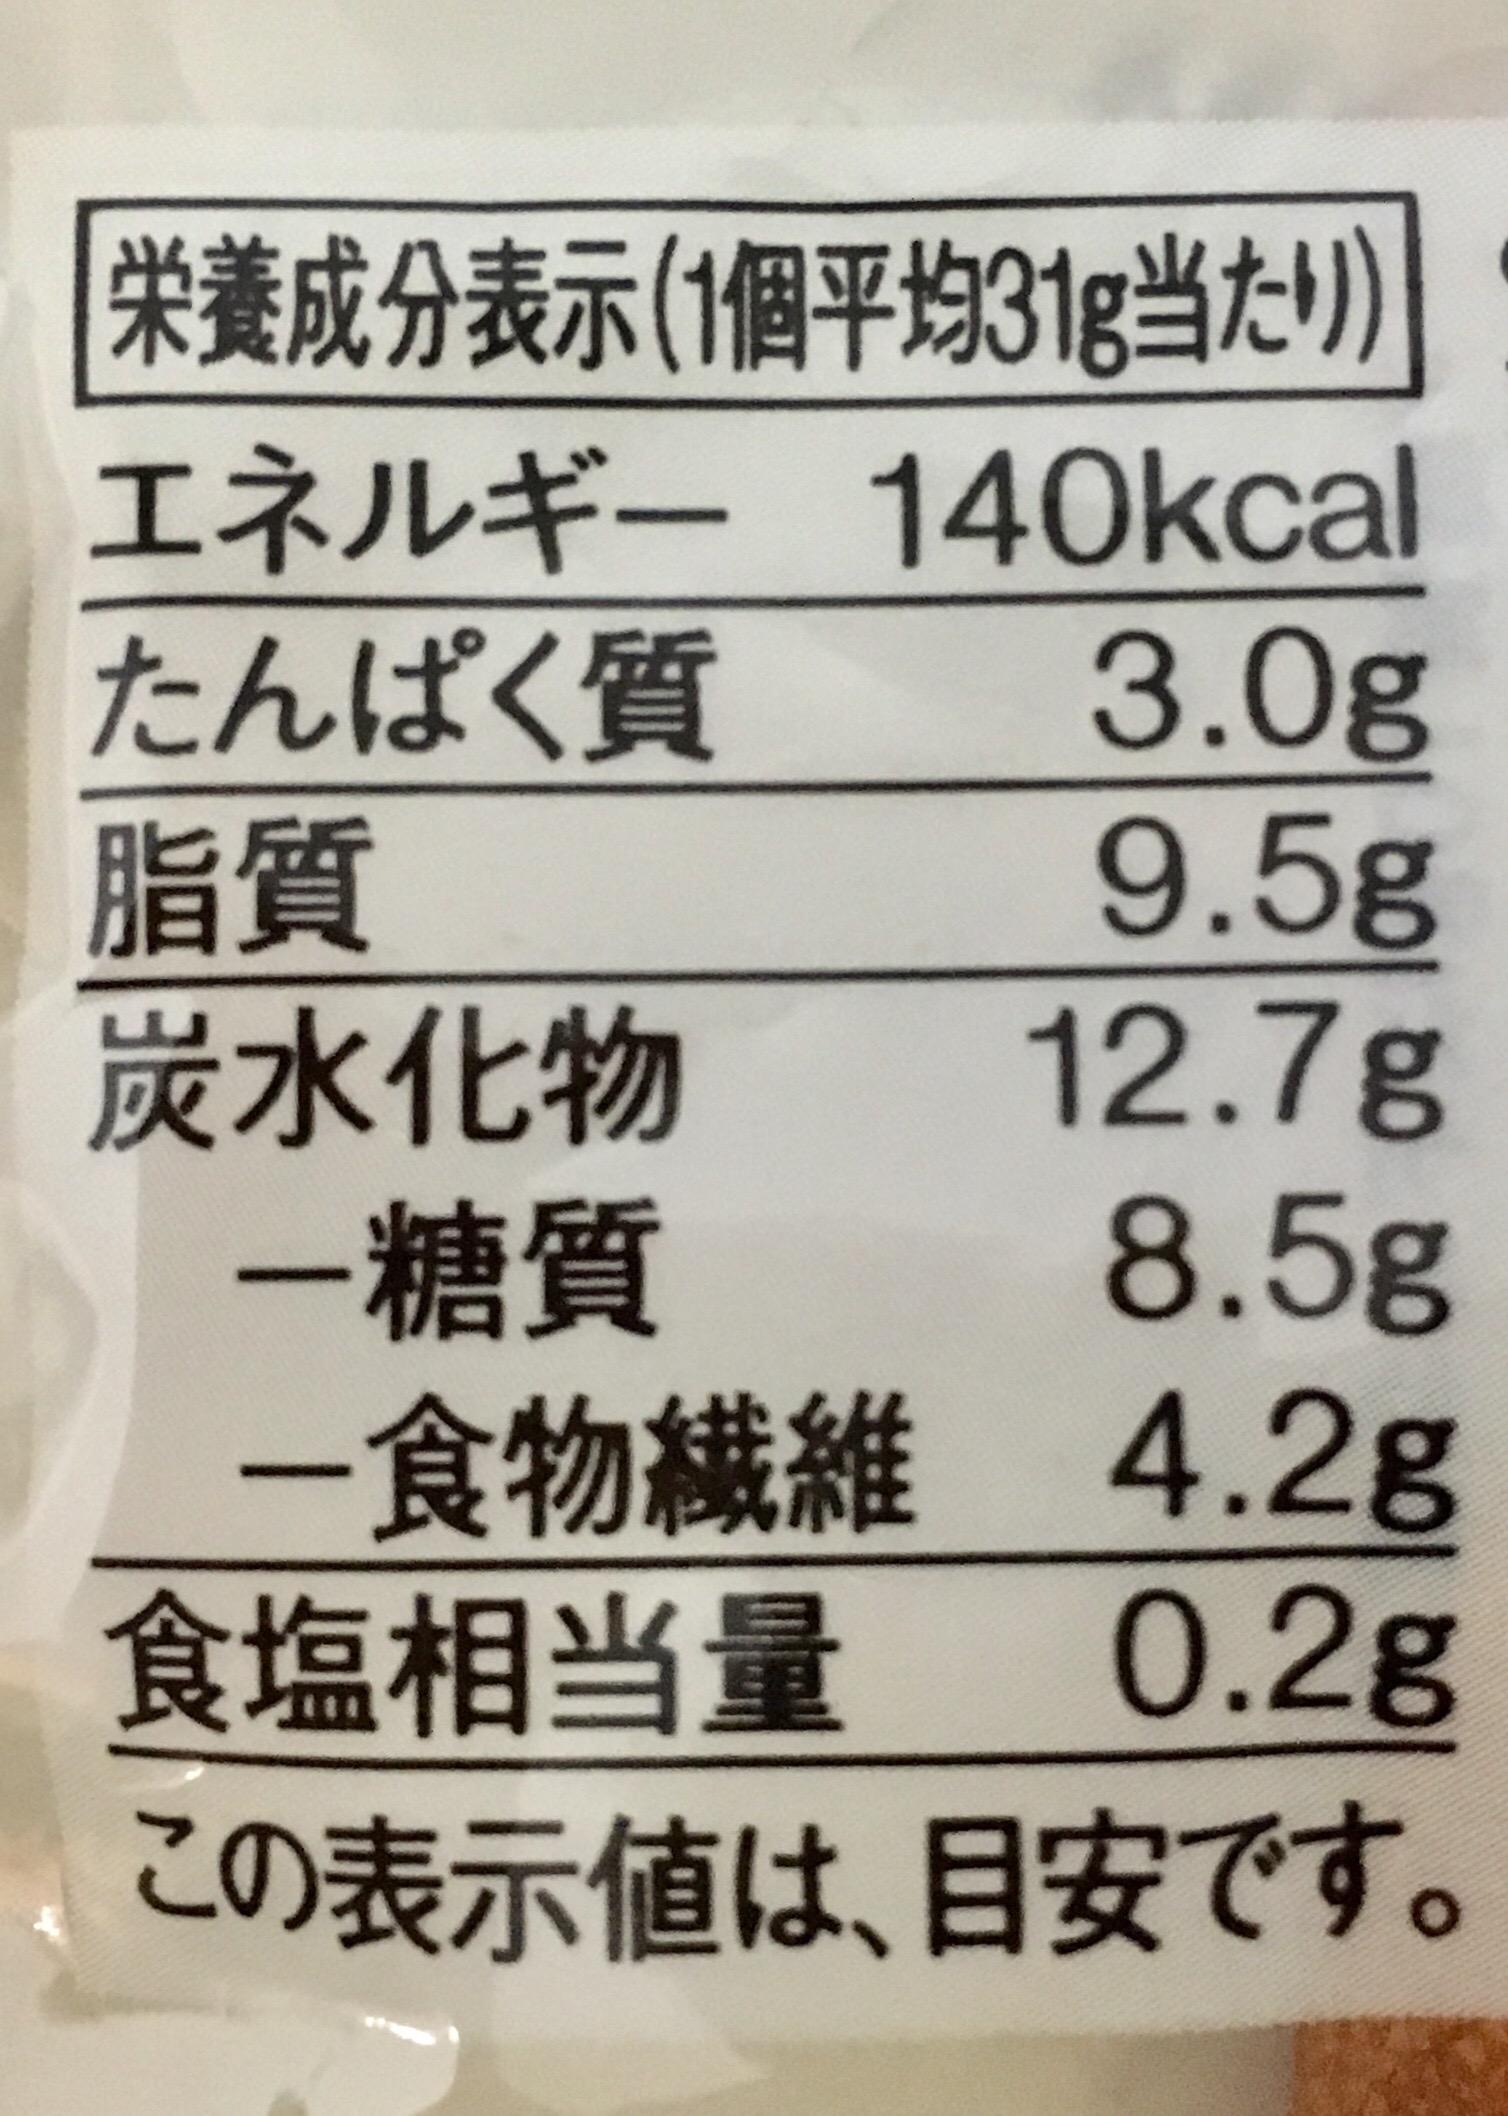 無印良品の糖質10g以下のお菓子 プレーンドーナツの栄養成分表示